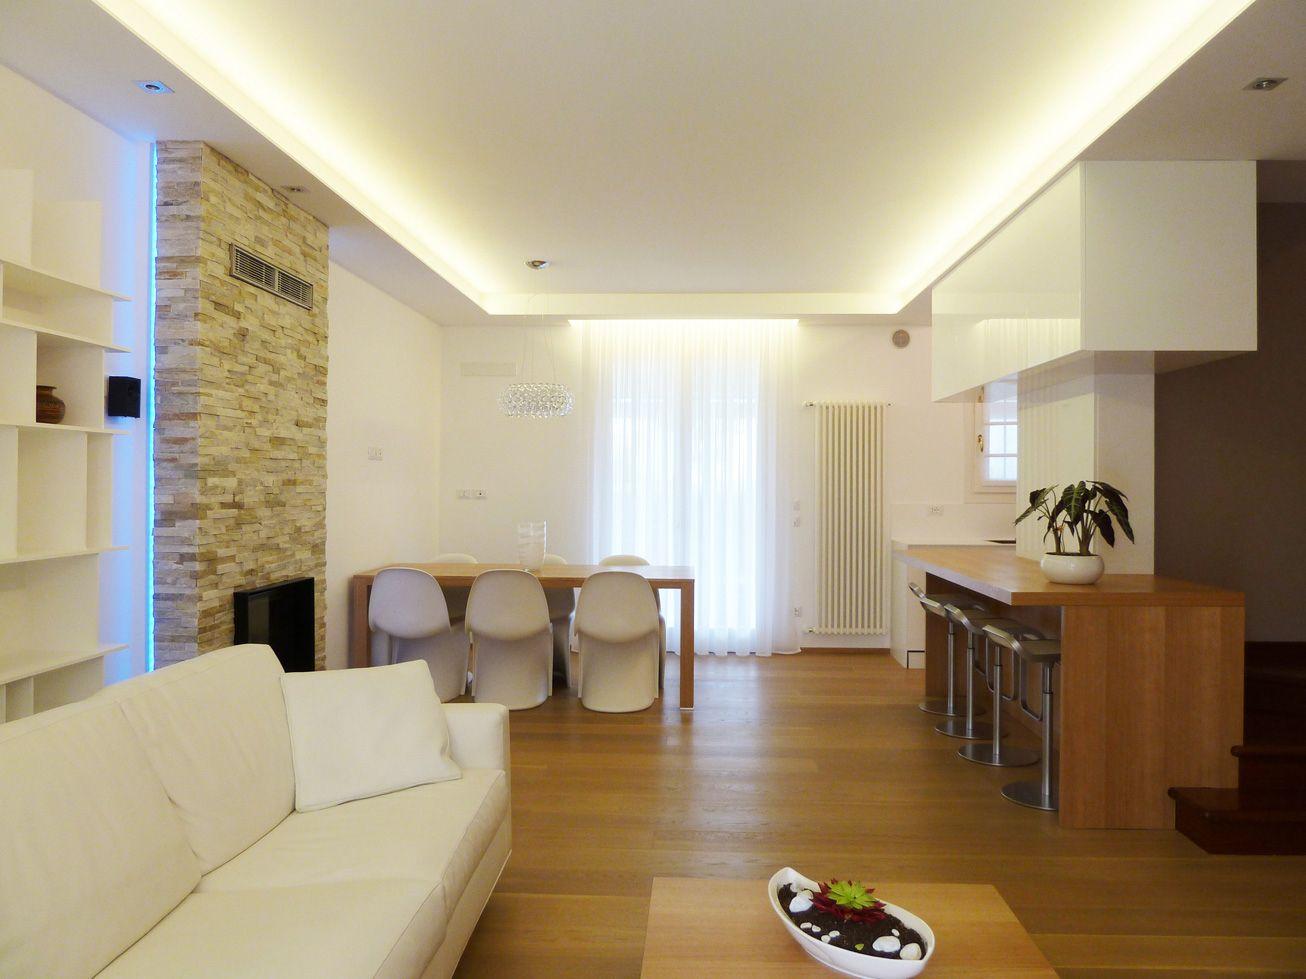 uno splendido soggiorno illuminato da strisce led bianche | strisce ...